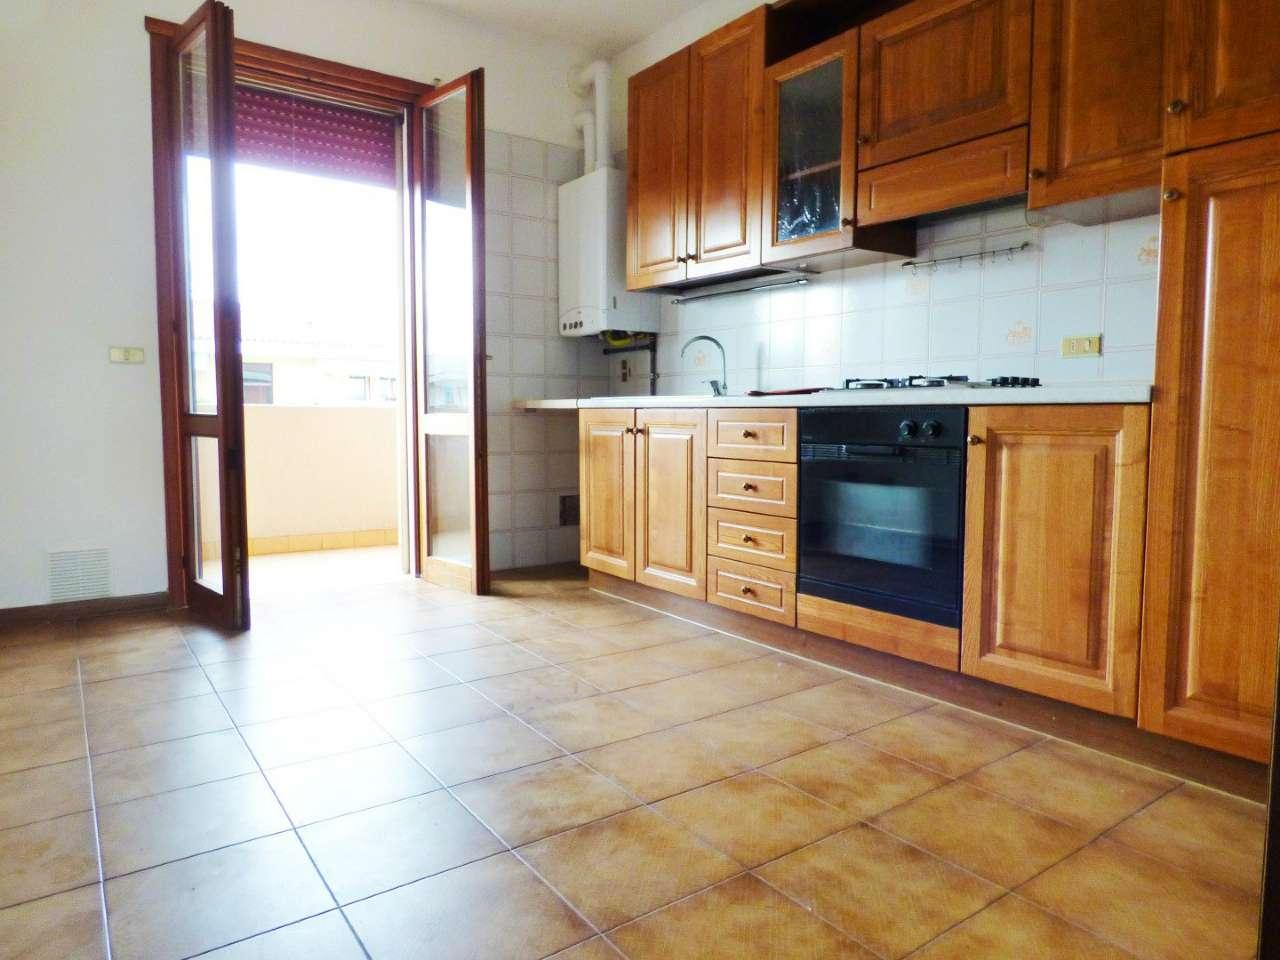 Appartamento in vendita a Brugine, 5 locali, prezzo € 96.000 | CambioCasa.it